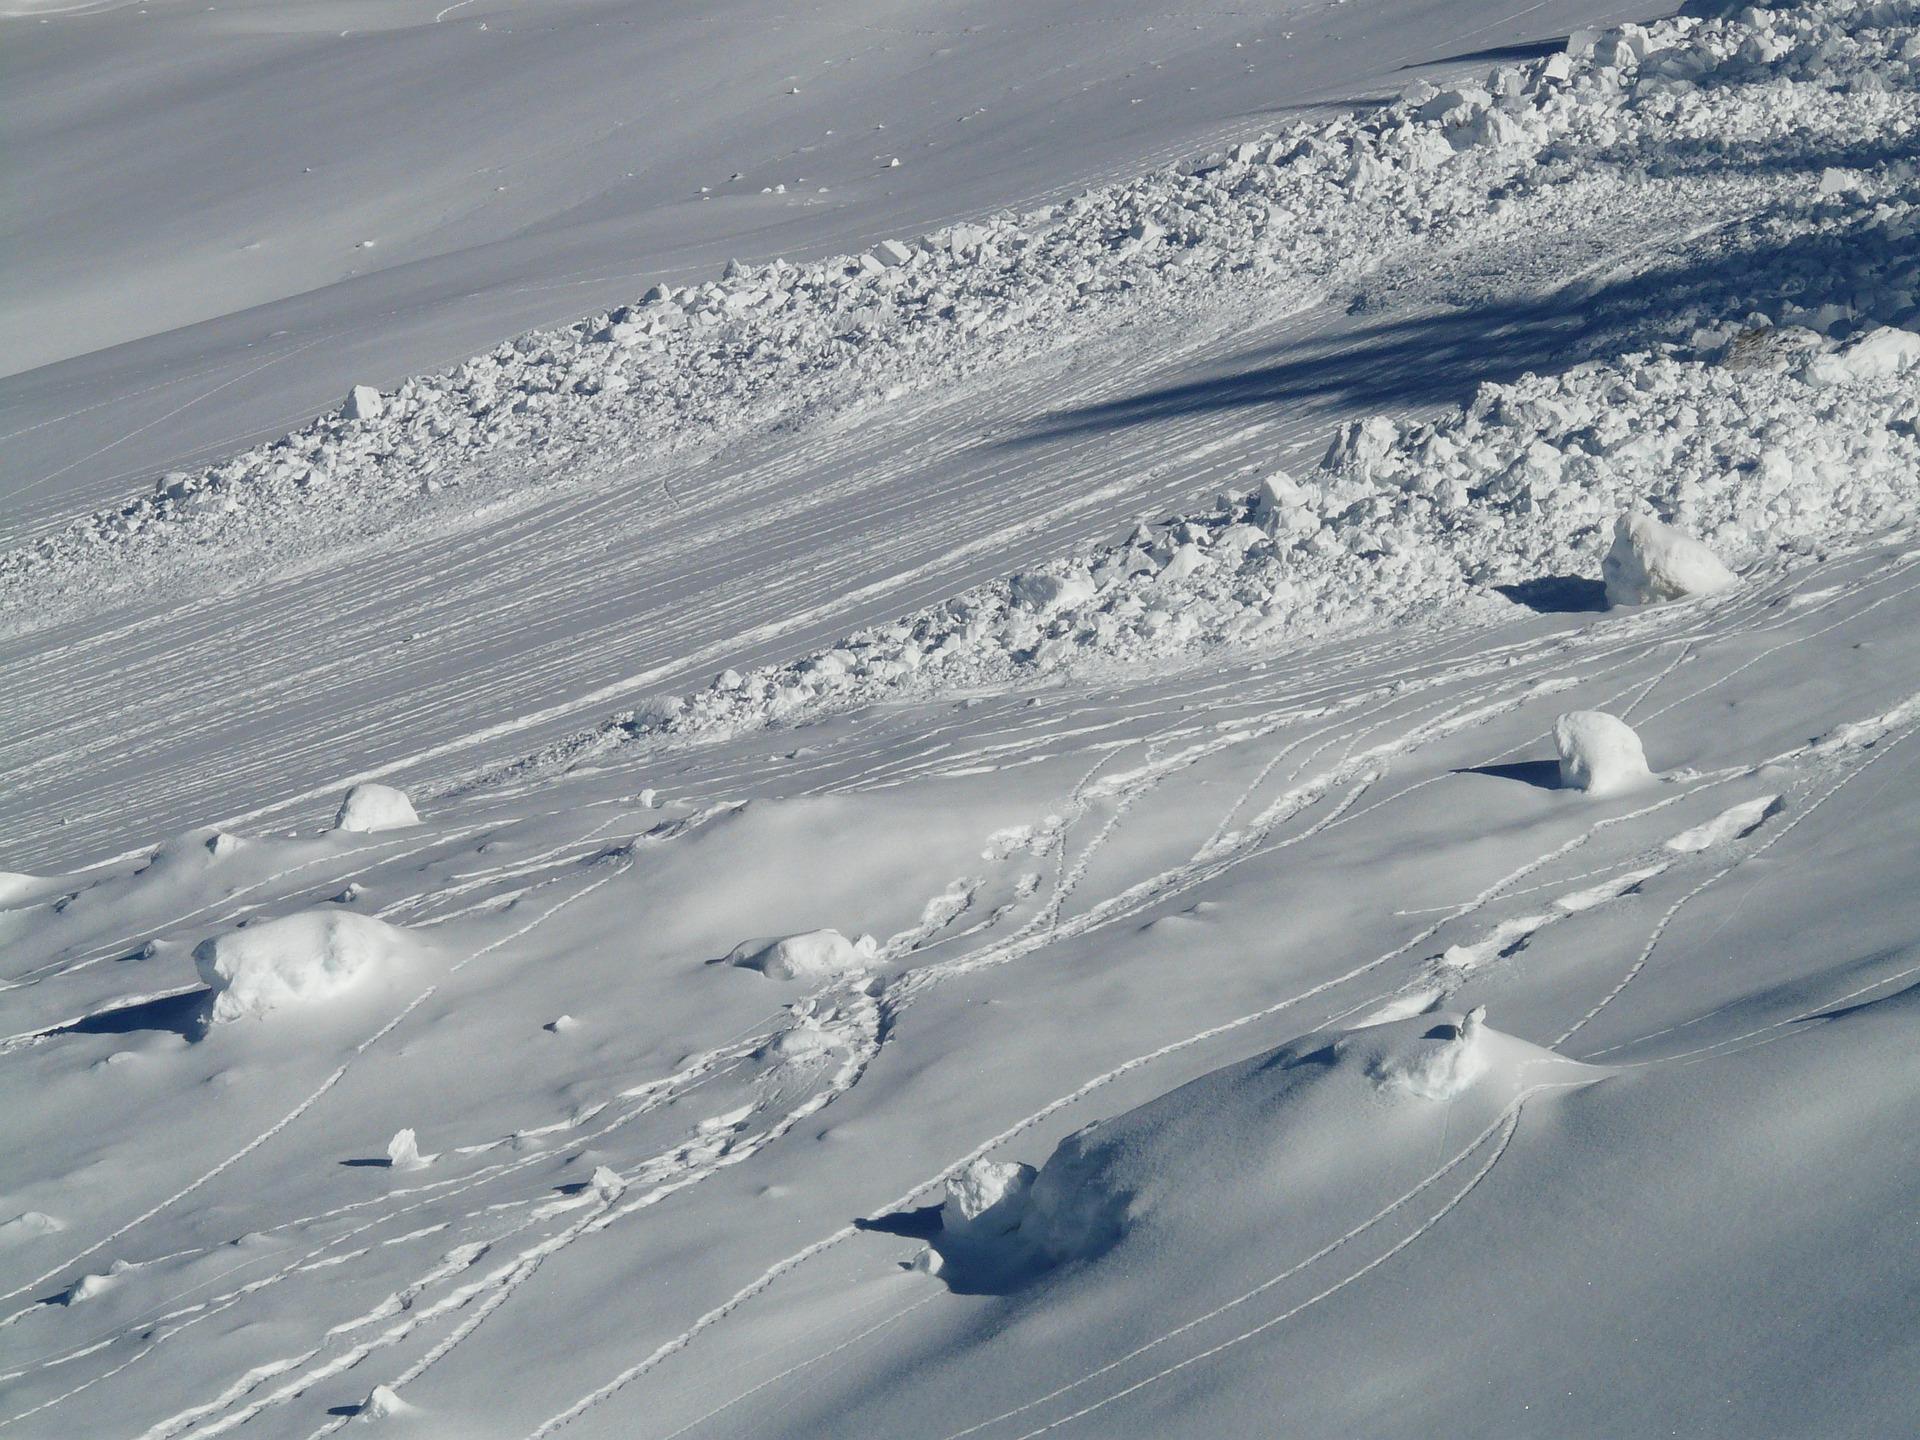 В горных районах Камчатки объявили лавинную опасность